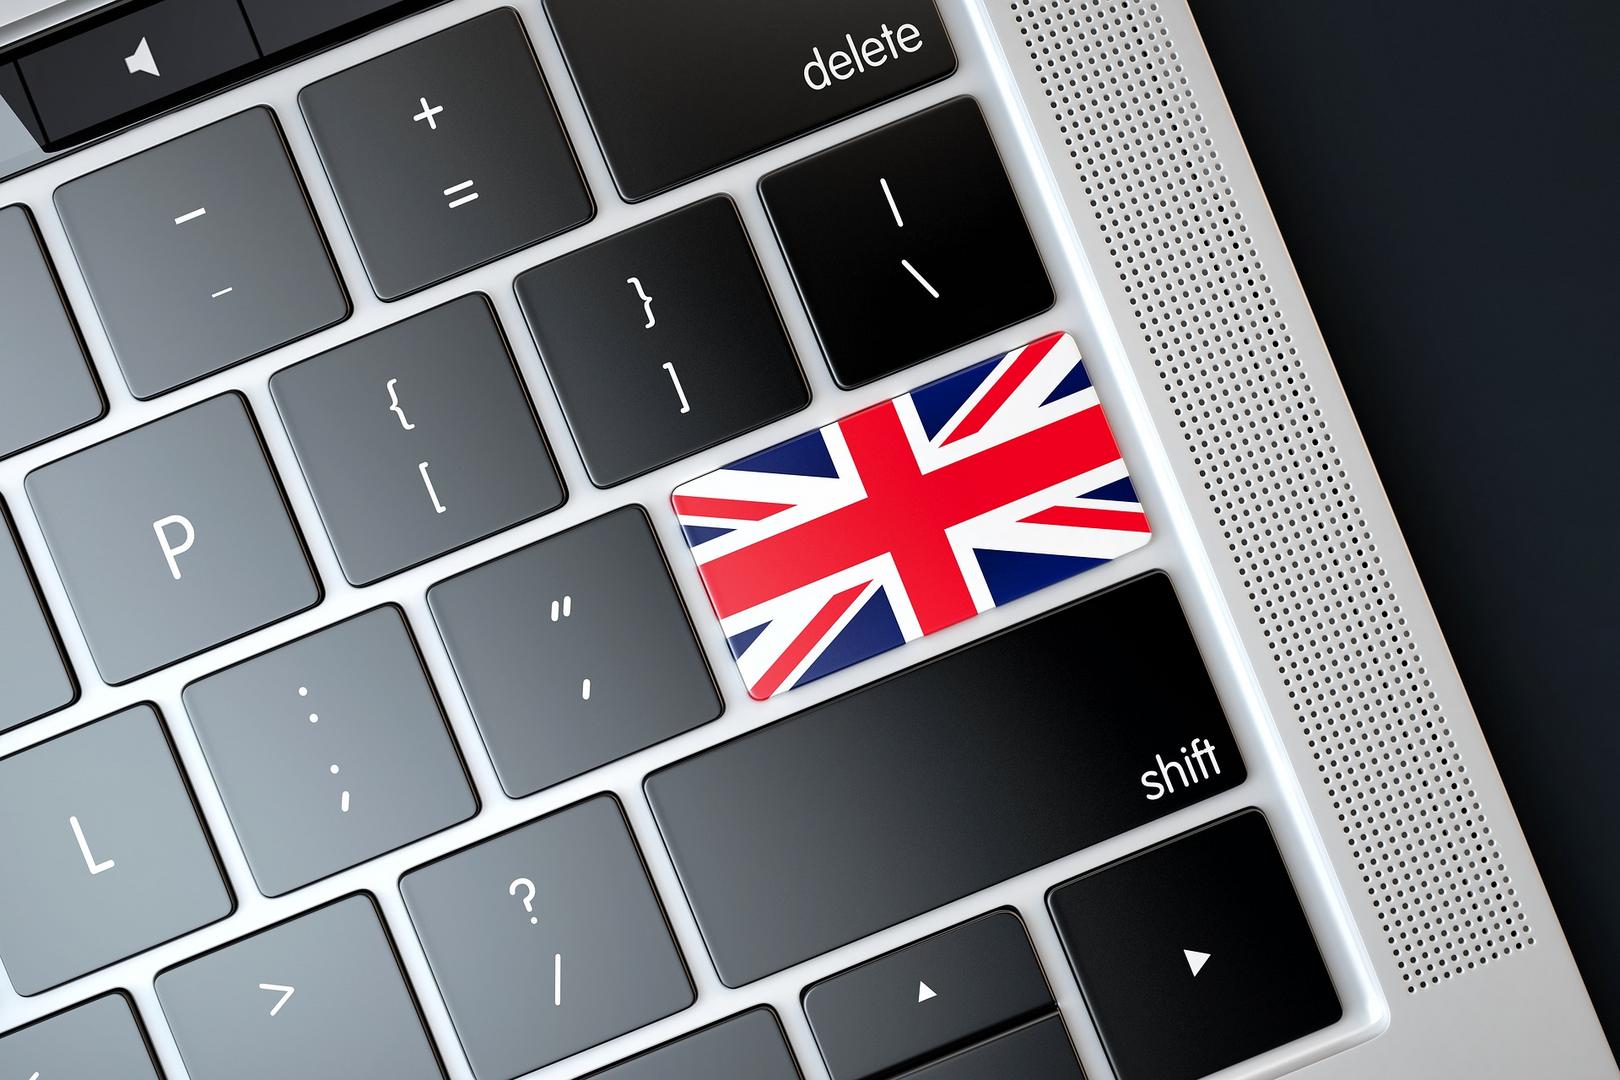 Mediazioni transfrontaliere? Il nostro sito è anche in inglese!